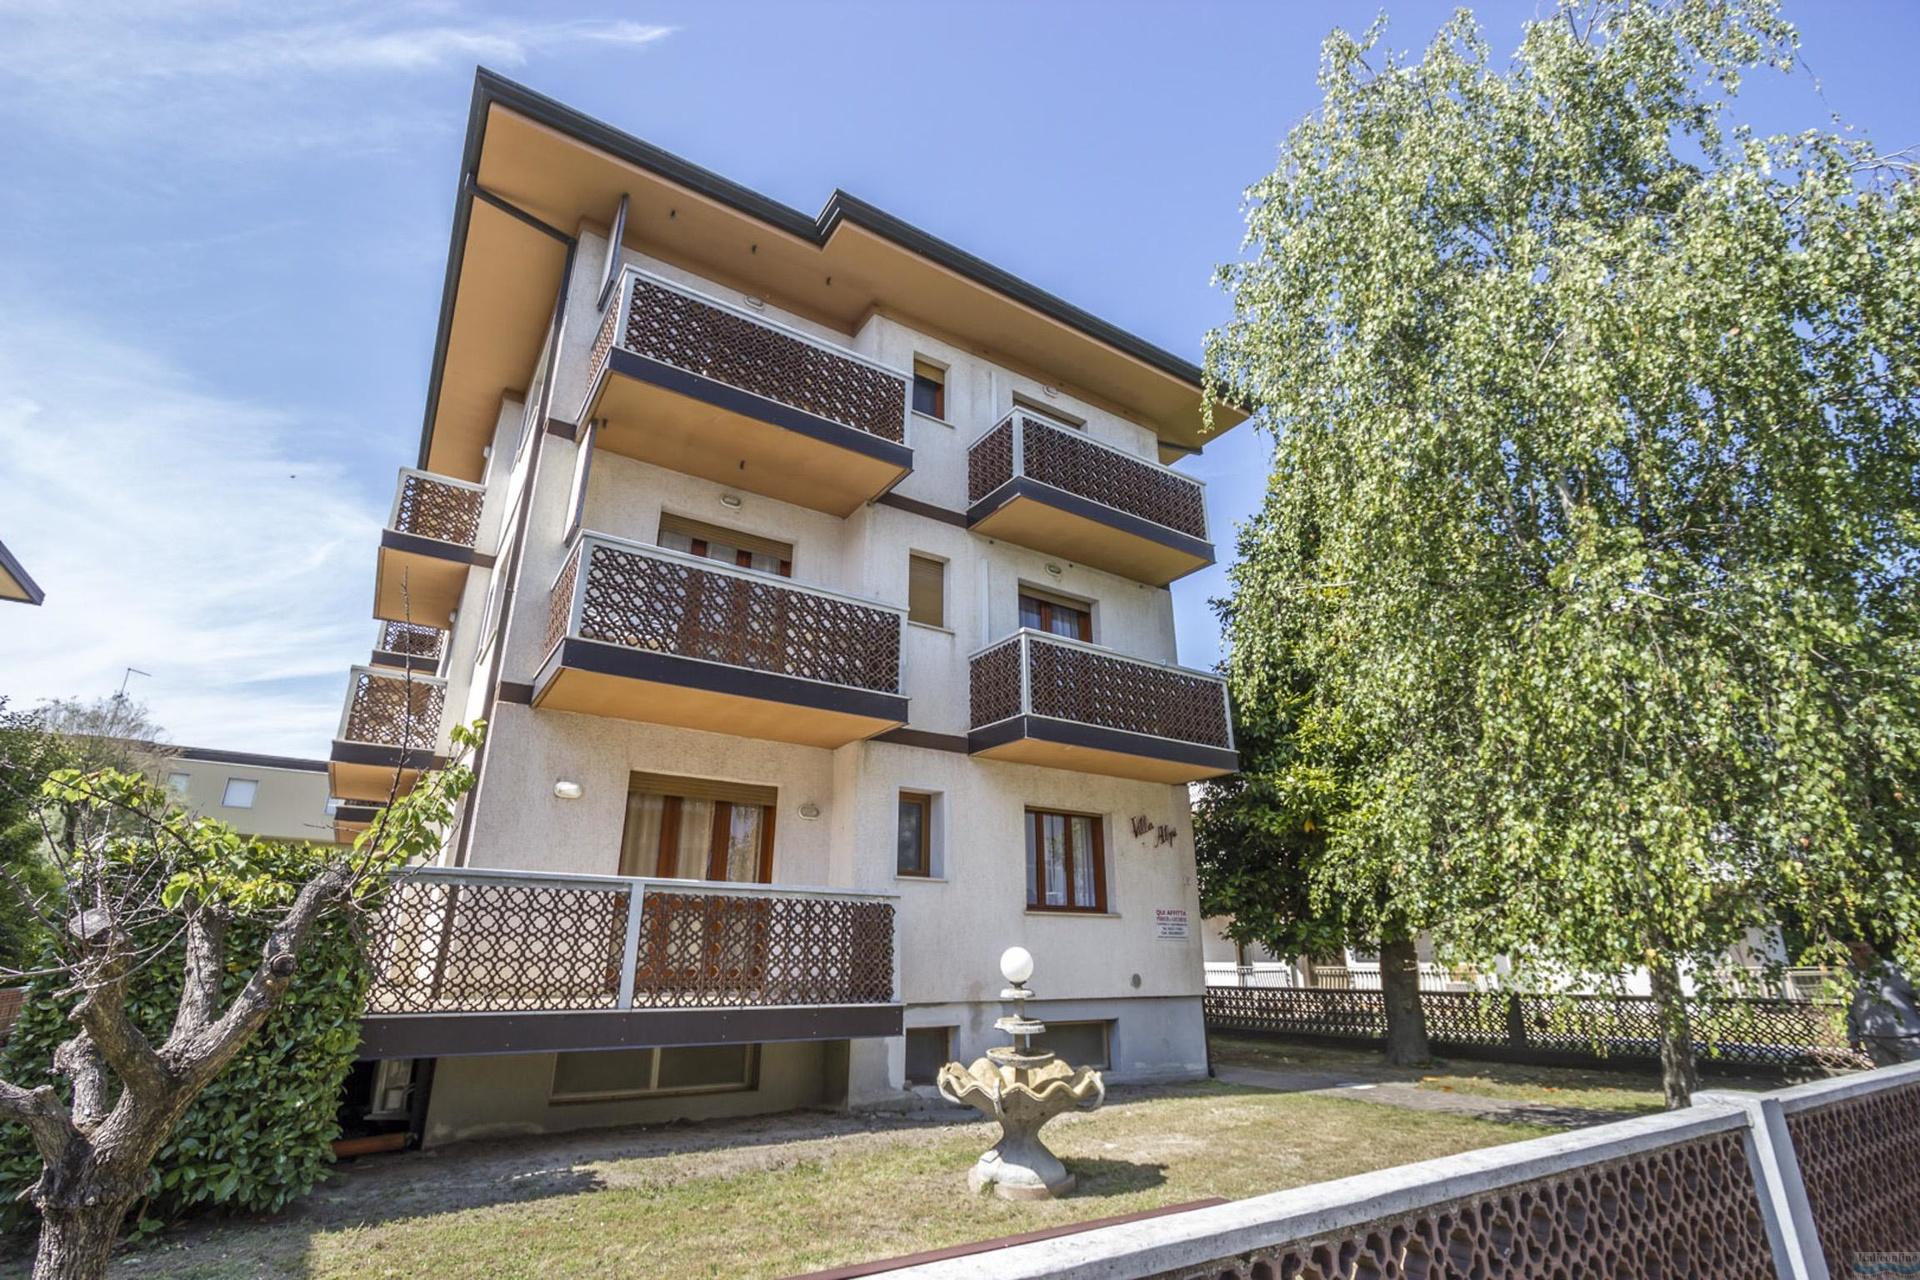 Villaggio Burchiello Lignano Pineta Italien Italieonline